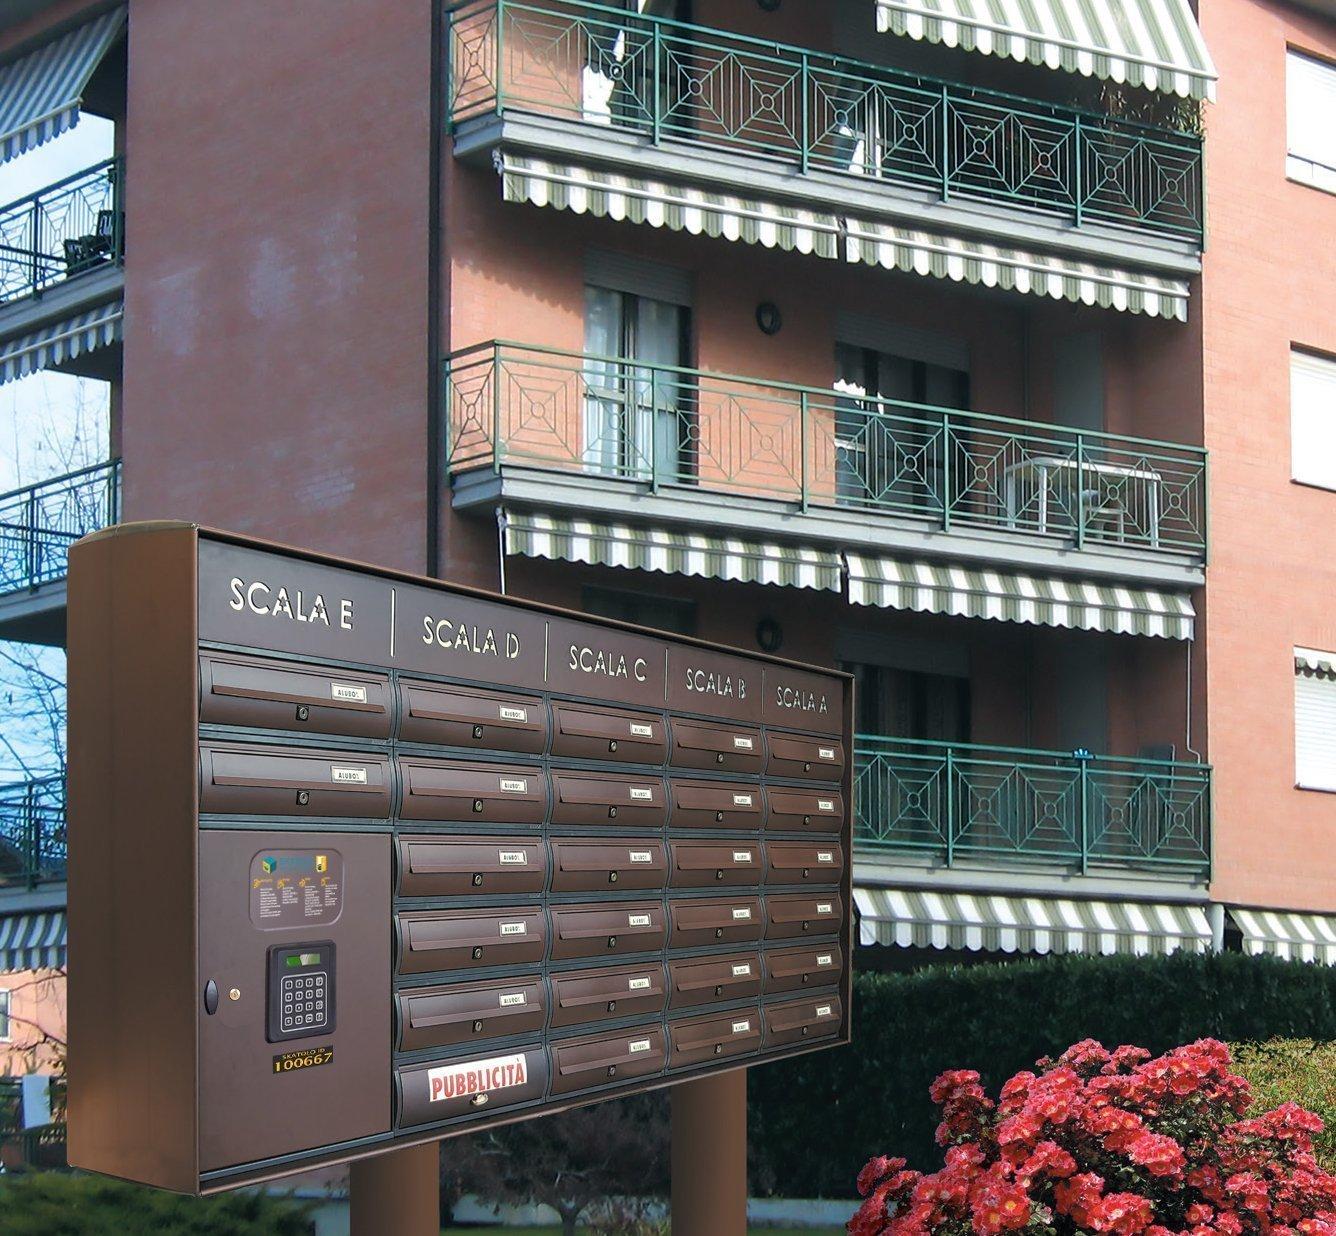 Casellario Postale Condominiale con Vano Portapacchi